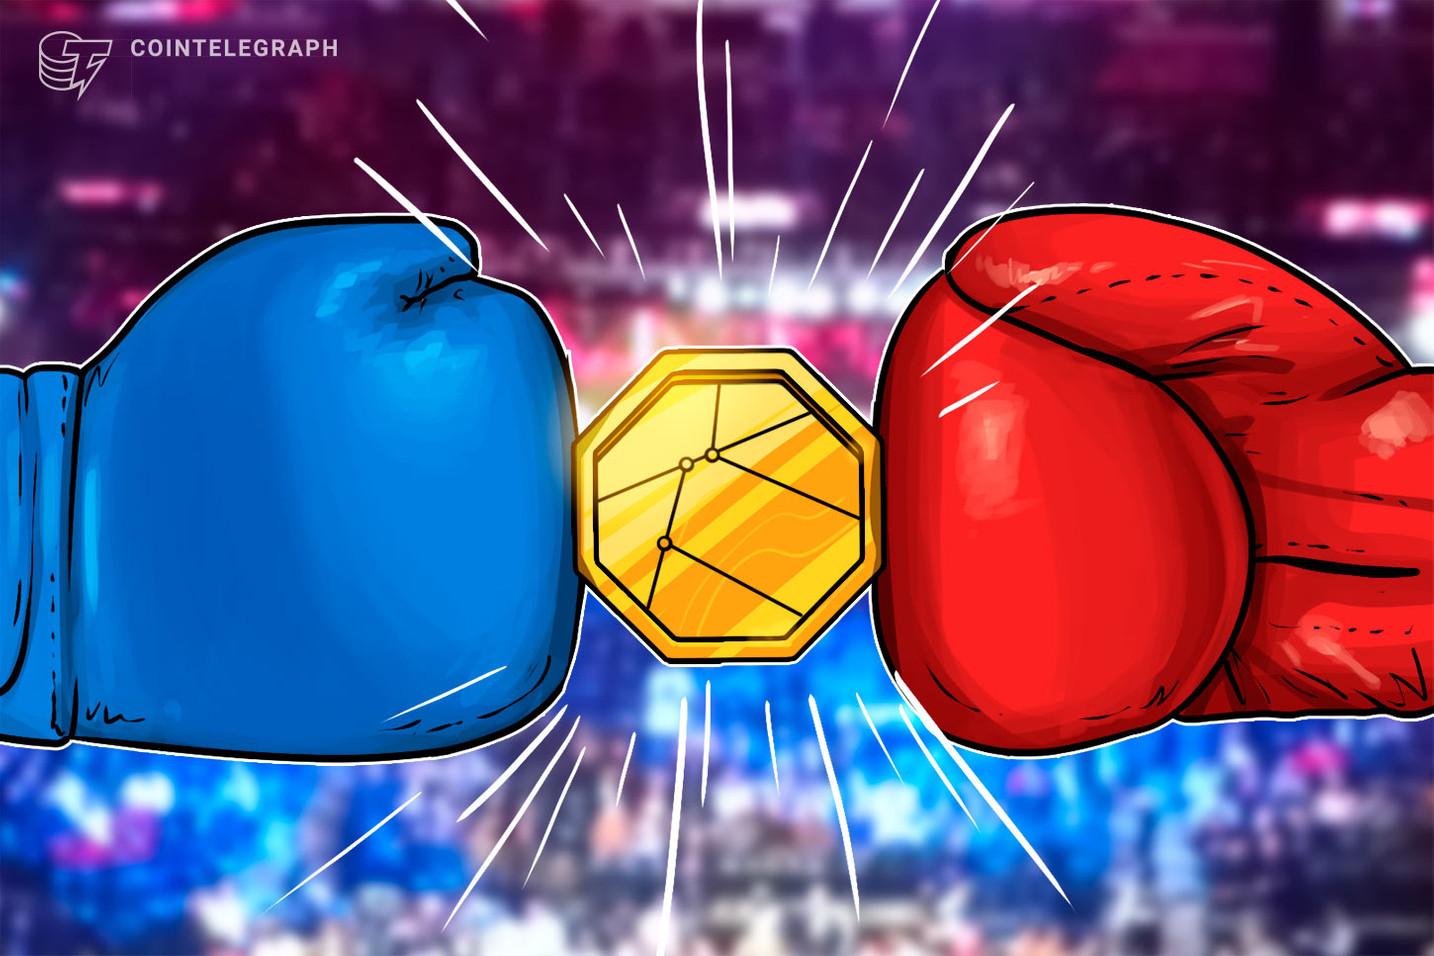 El campeón filipino de boxeo Manny Pacquiao lanza su propia criptomoneda